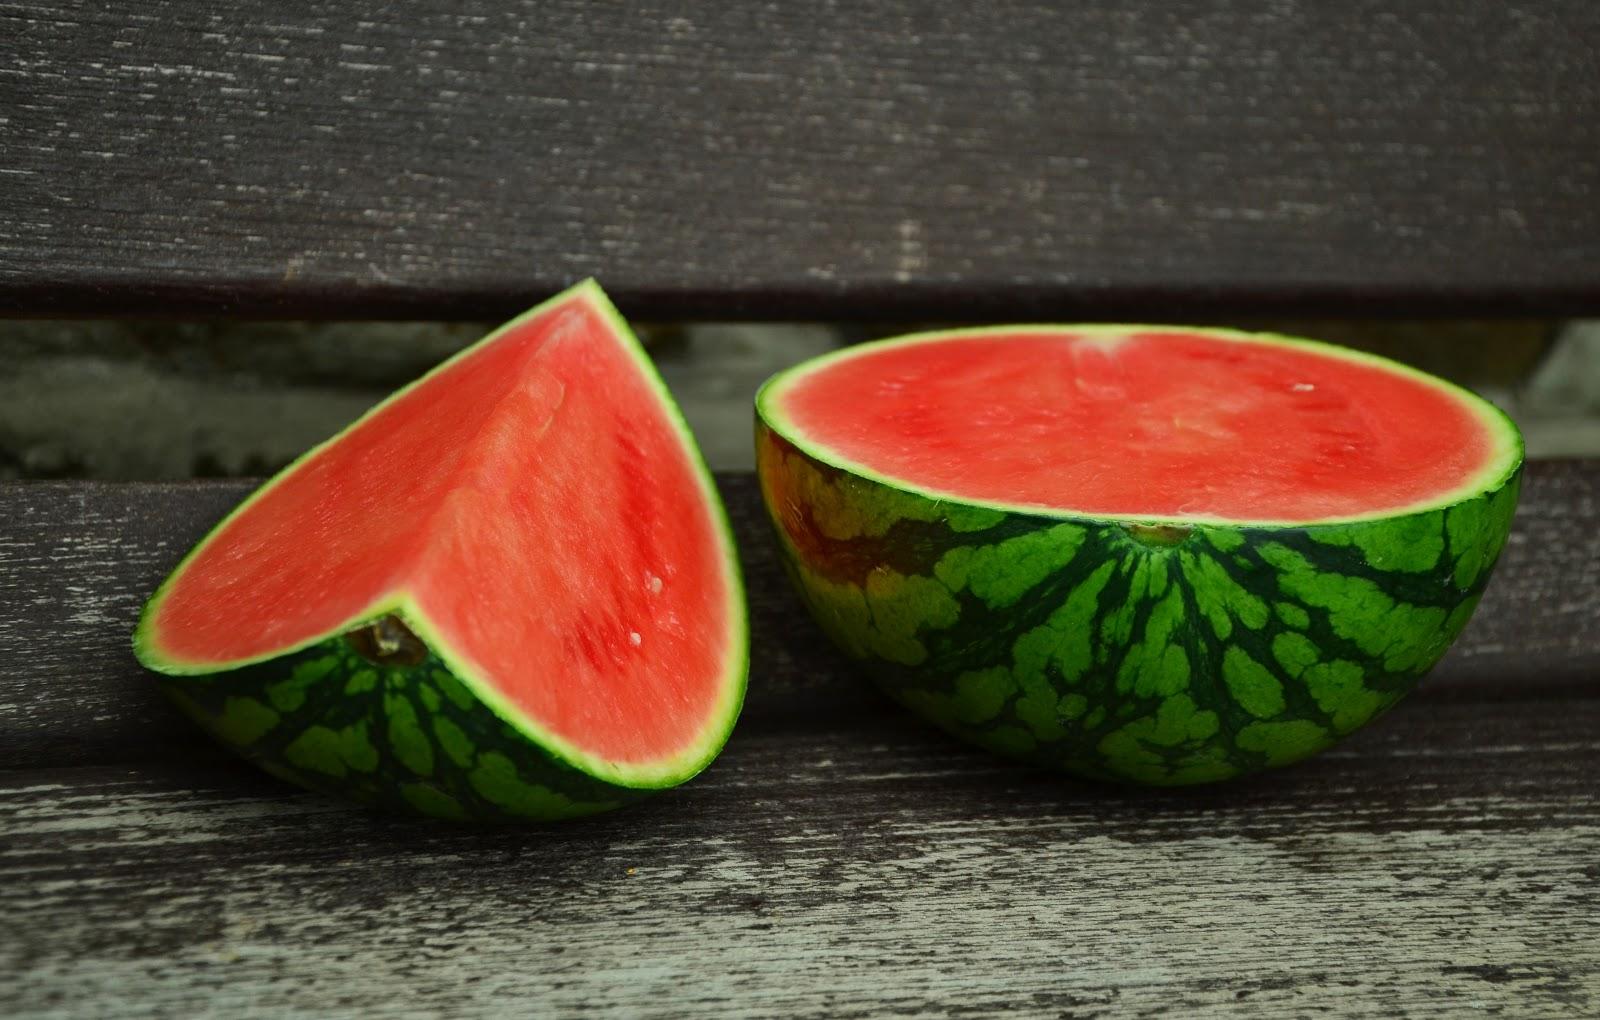 二つに切り分けられた新鮮な西瓜